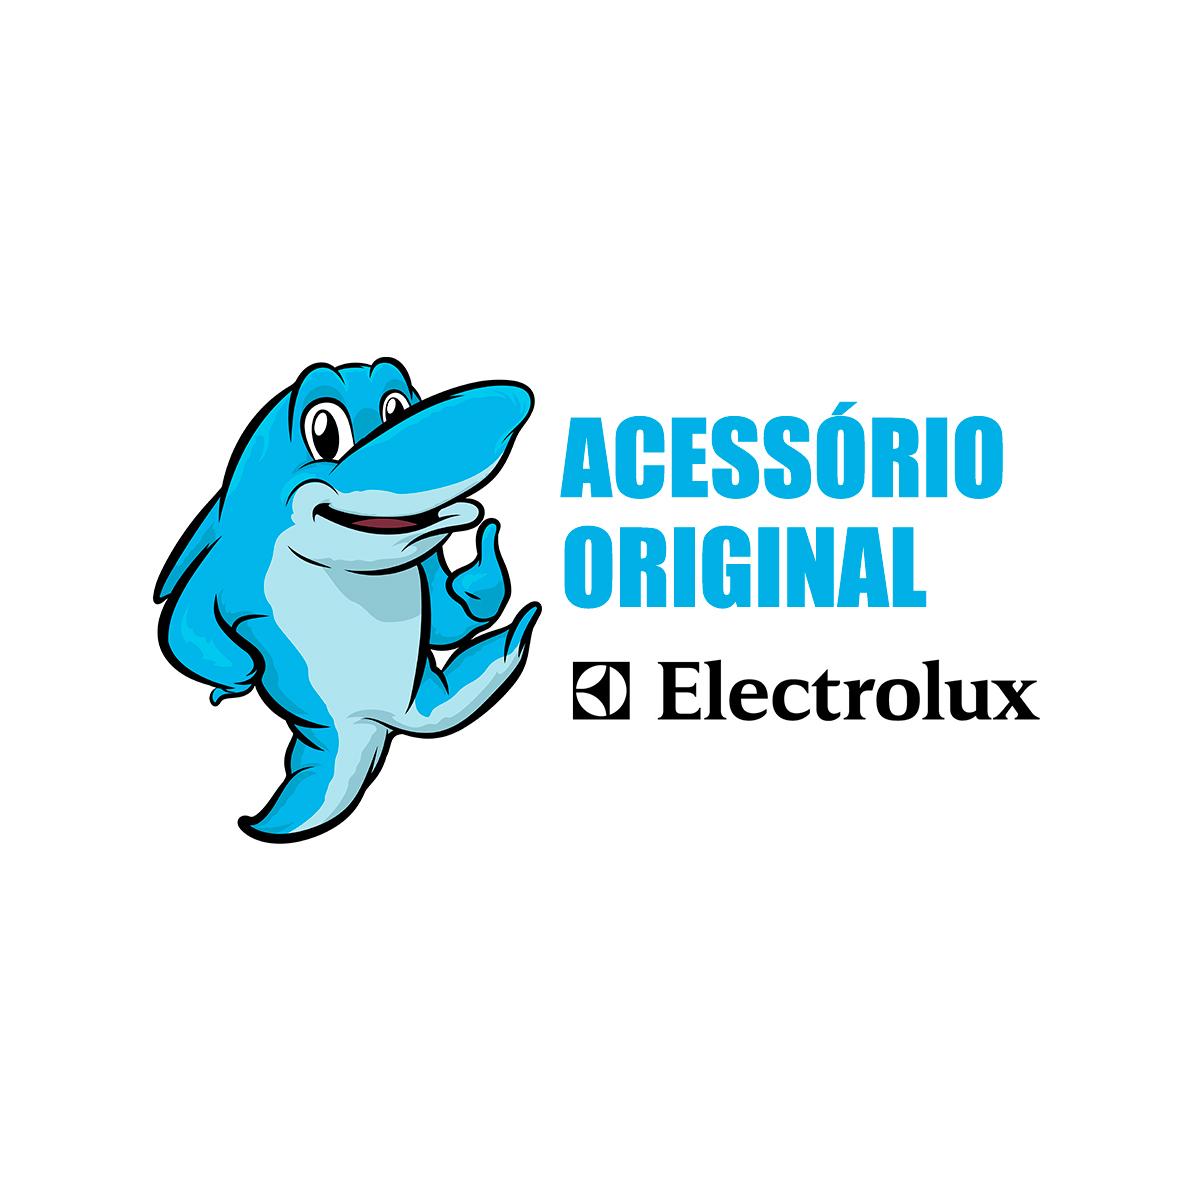 Kit Gatilho e mangueira para Lavadoras de Alta Pressão Electrolux Power Wash, Easy Wash, Ultra Wash, Ultra Pro 3,5mts Original